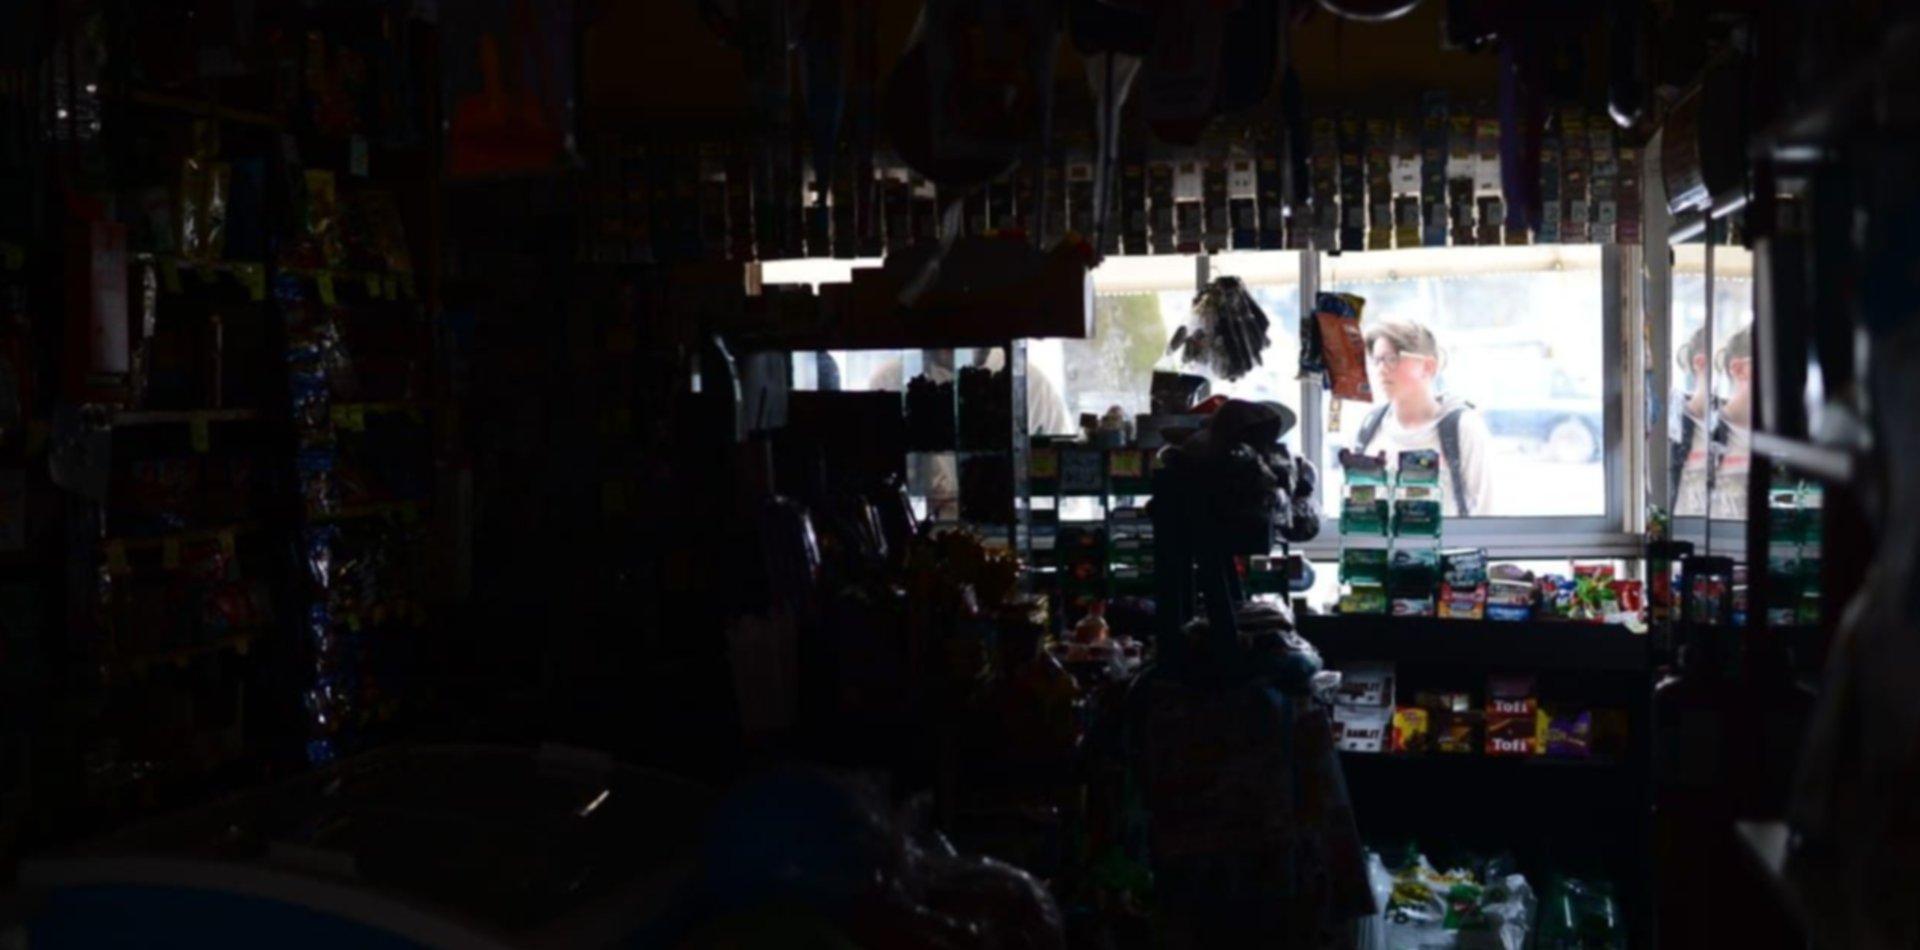 Otro apagón de Edelap sacude a La Plata: una falla dejó sin luz a una parte de Los Hornos